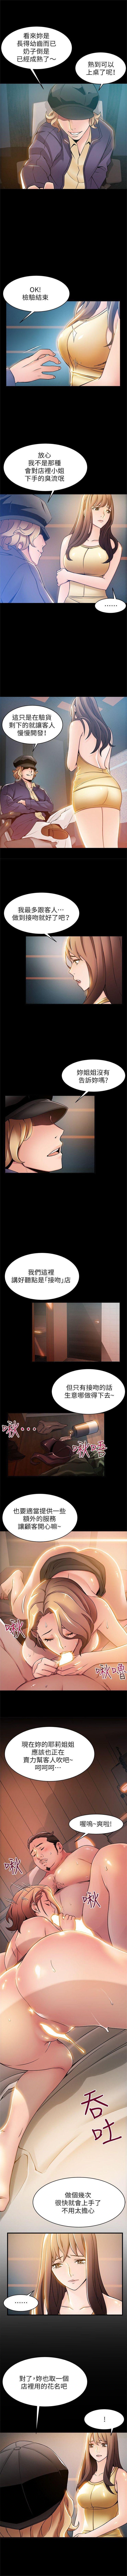 (周7)弱点 1-66 中文翻译(更新中) 96